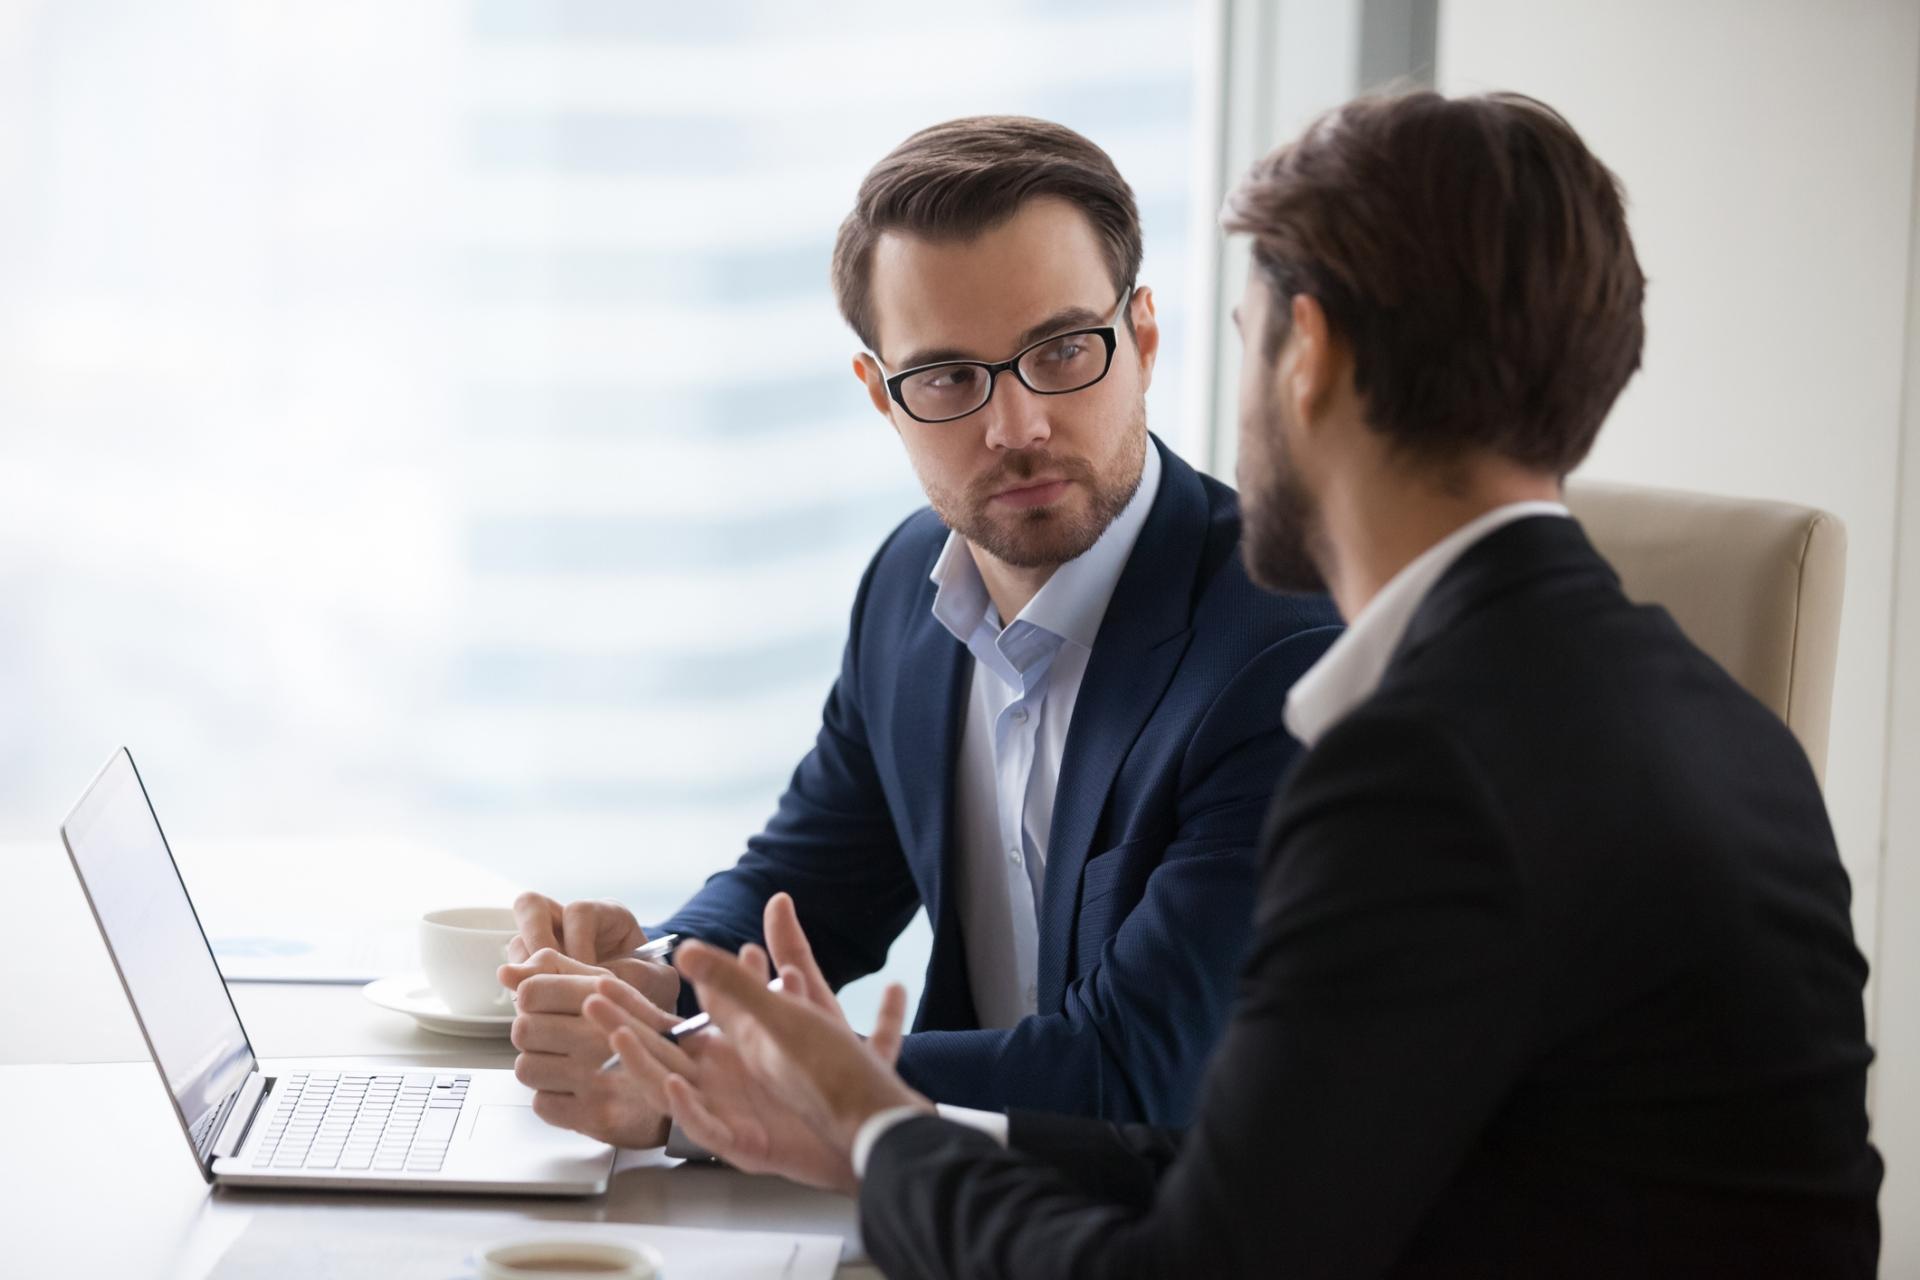 ¿Cuánto gana un consultor SAP y cuáles son sus responsabilidades?